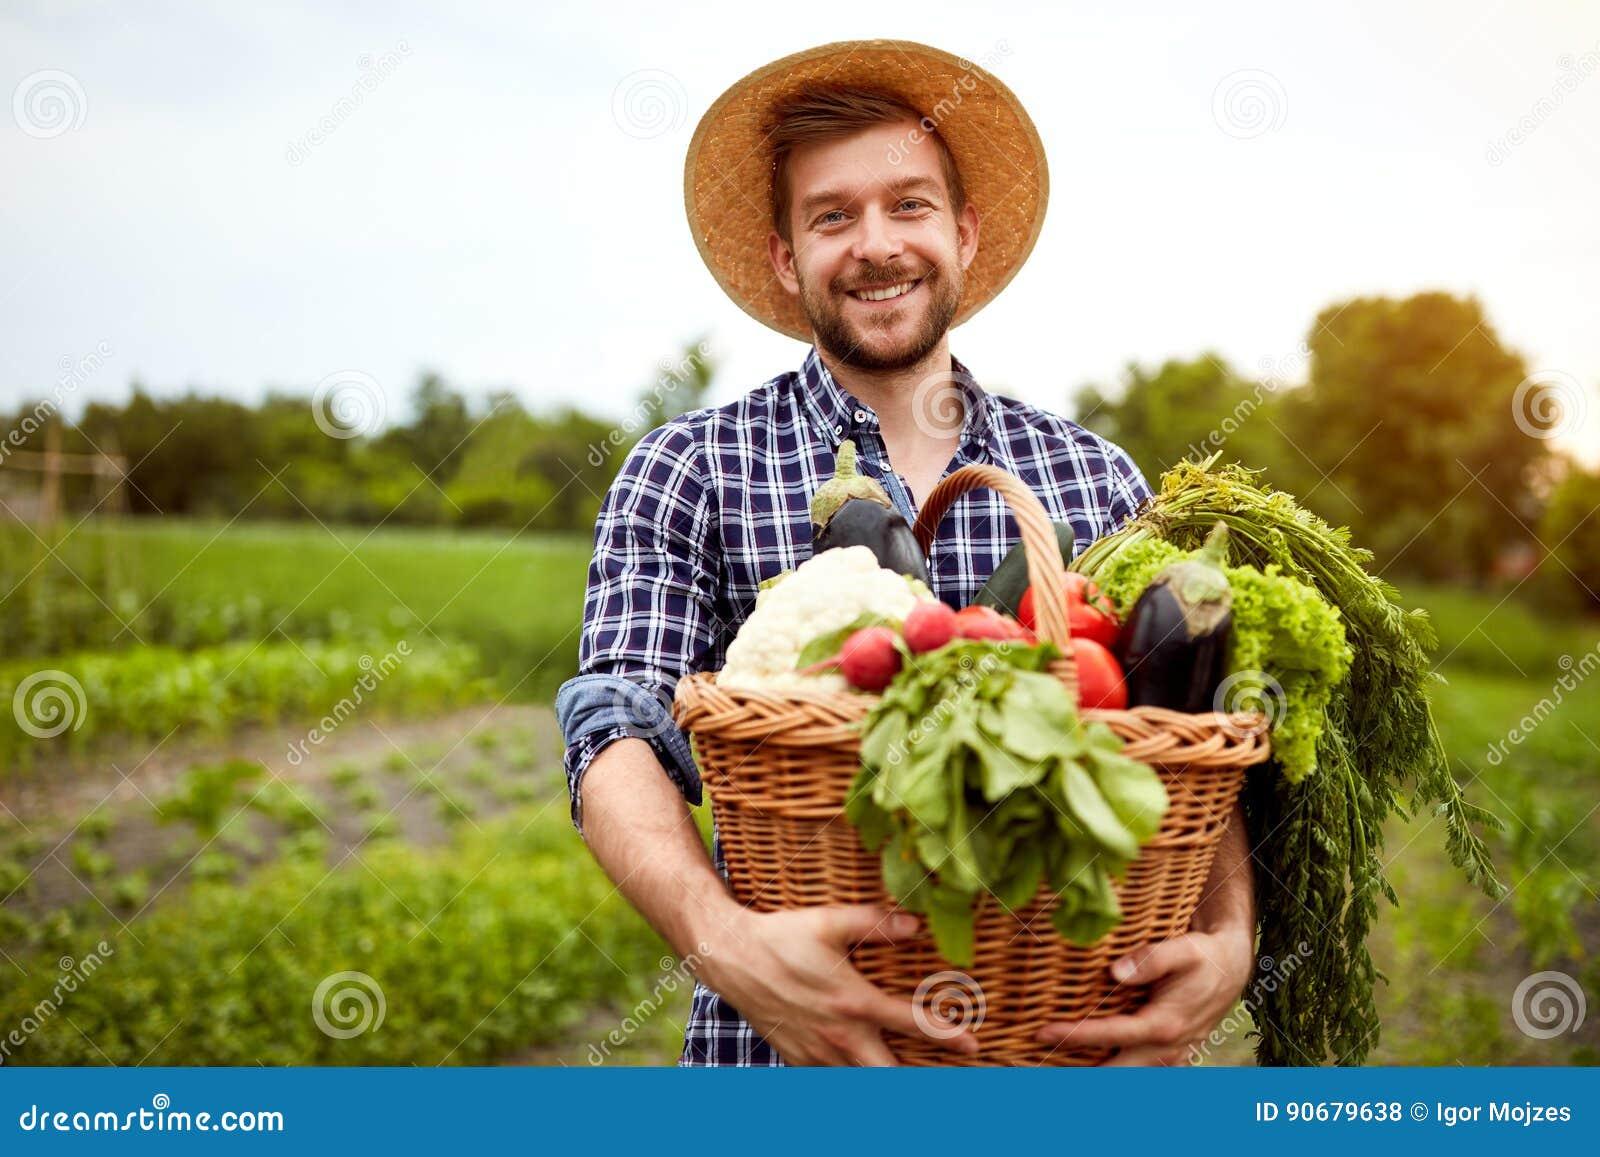 Rolnik z świeżo ukradzionymi warzywami w koszu